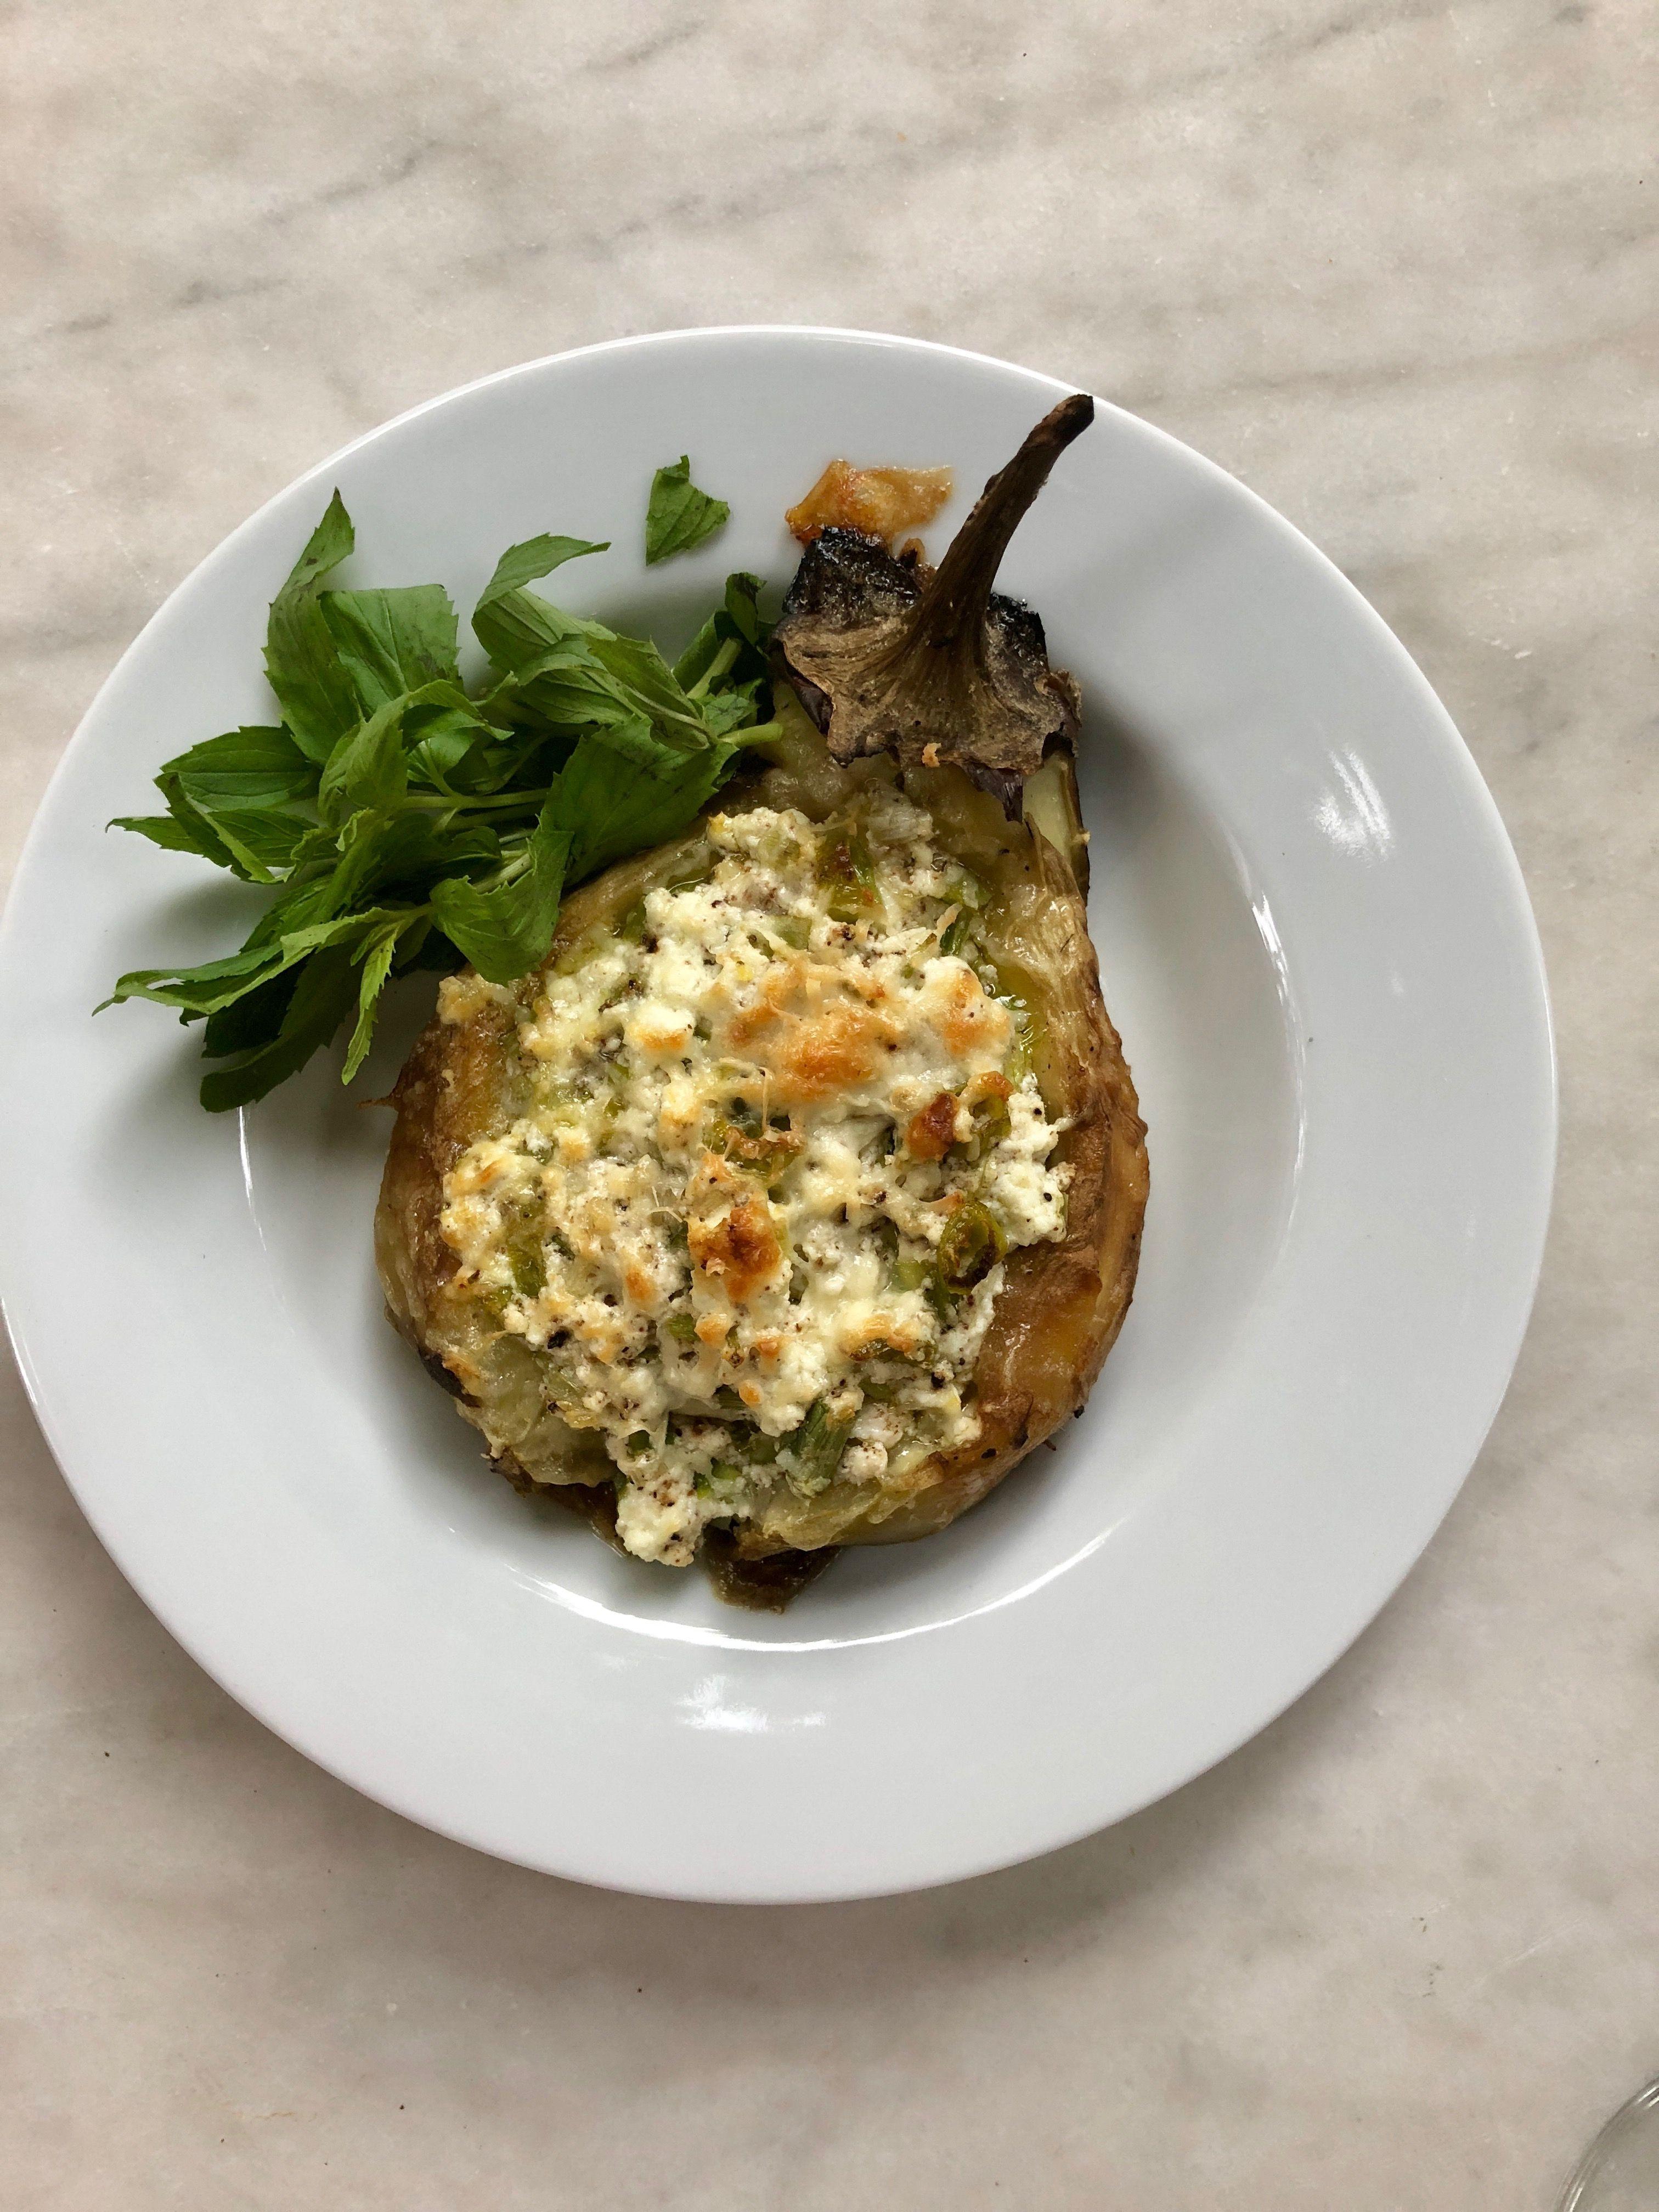 Köz Patlıcan Dolgulu Tortellini Tarifi – Hamur İşleri